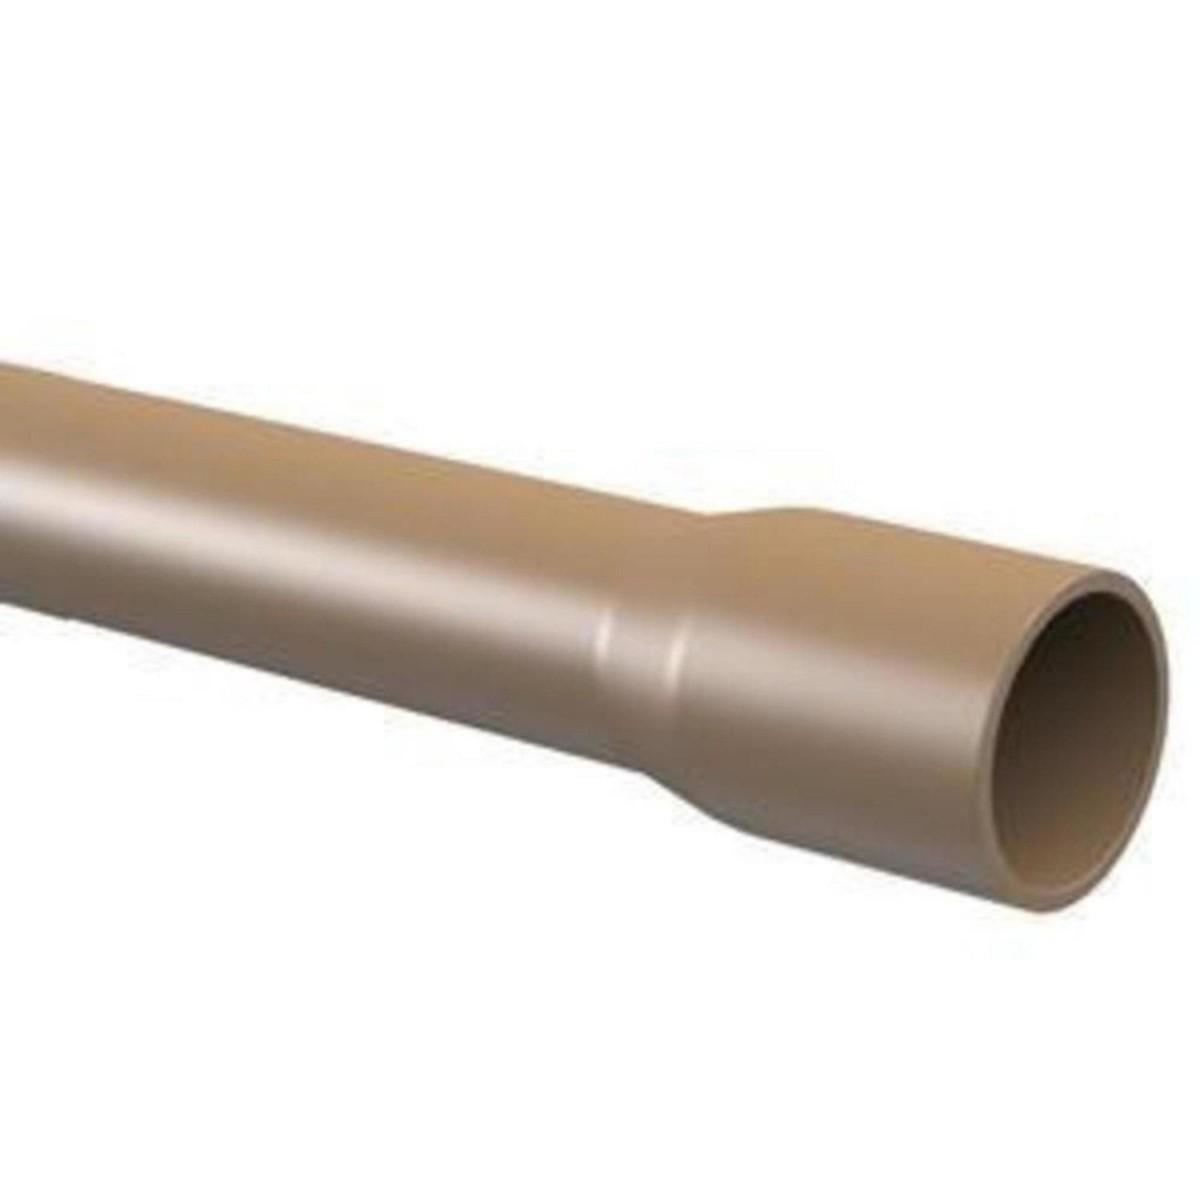 Solda Tubo 20mm (1/2) Tigre